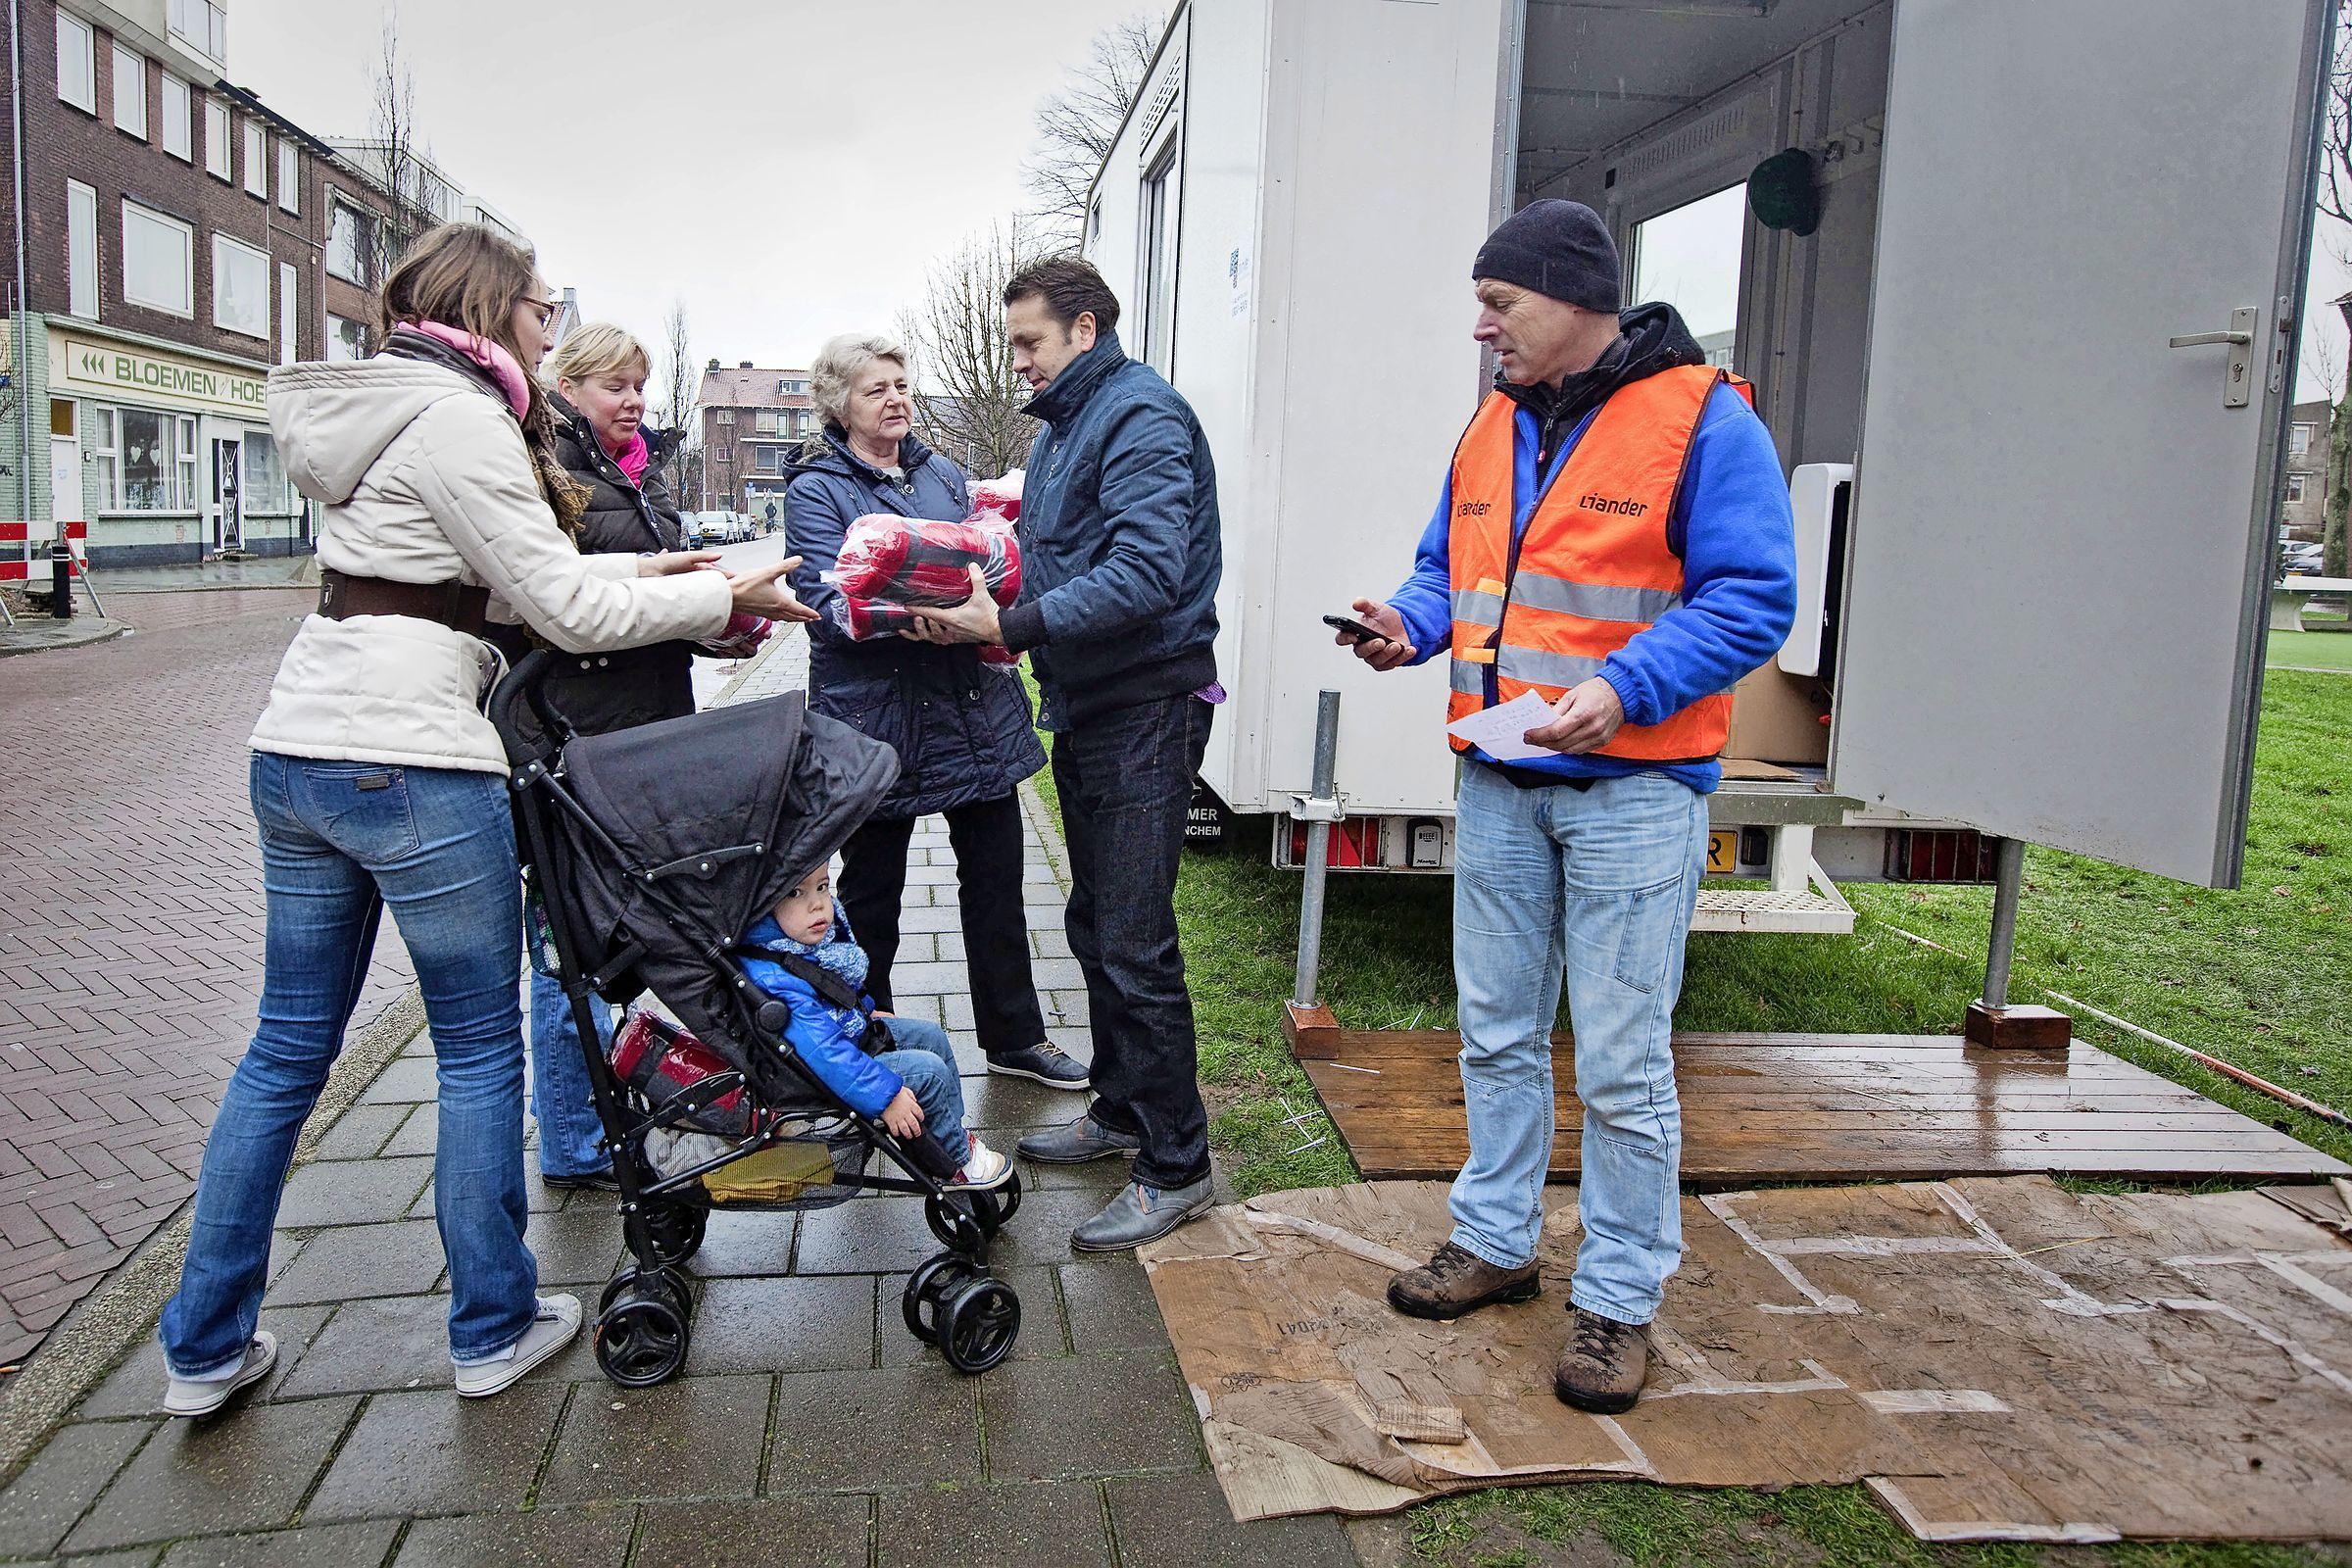 Velsen-Noorders gaan weer samen bewegen en elkaar ontmoeten. Samen dingen doen, het uitgangspunt van het project Move